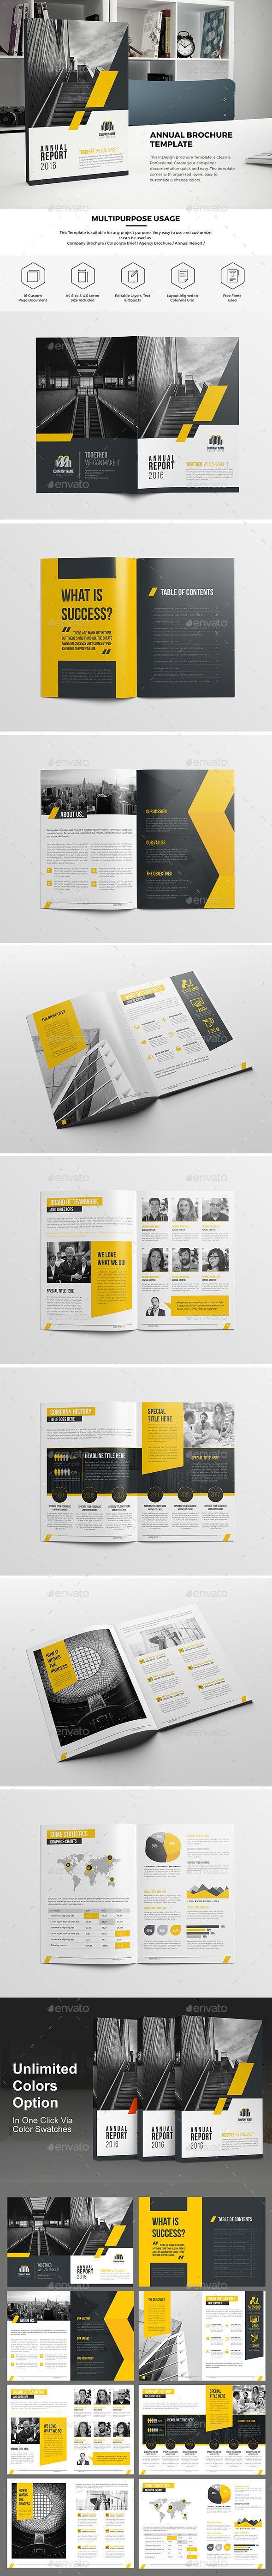 Haweya Annual Report V02 | Diseño editorial, Revistas y Editorial